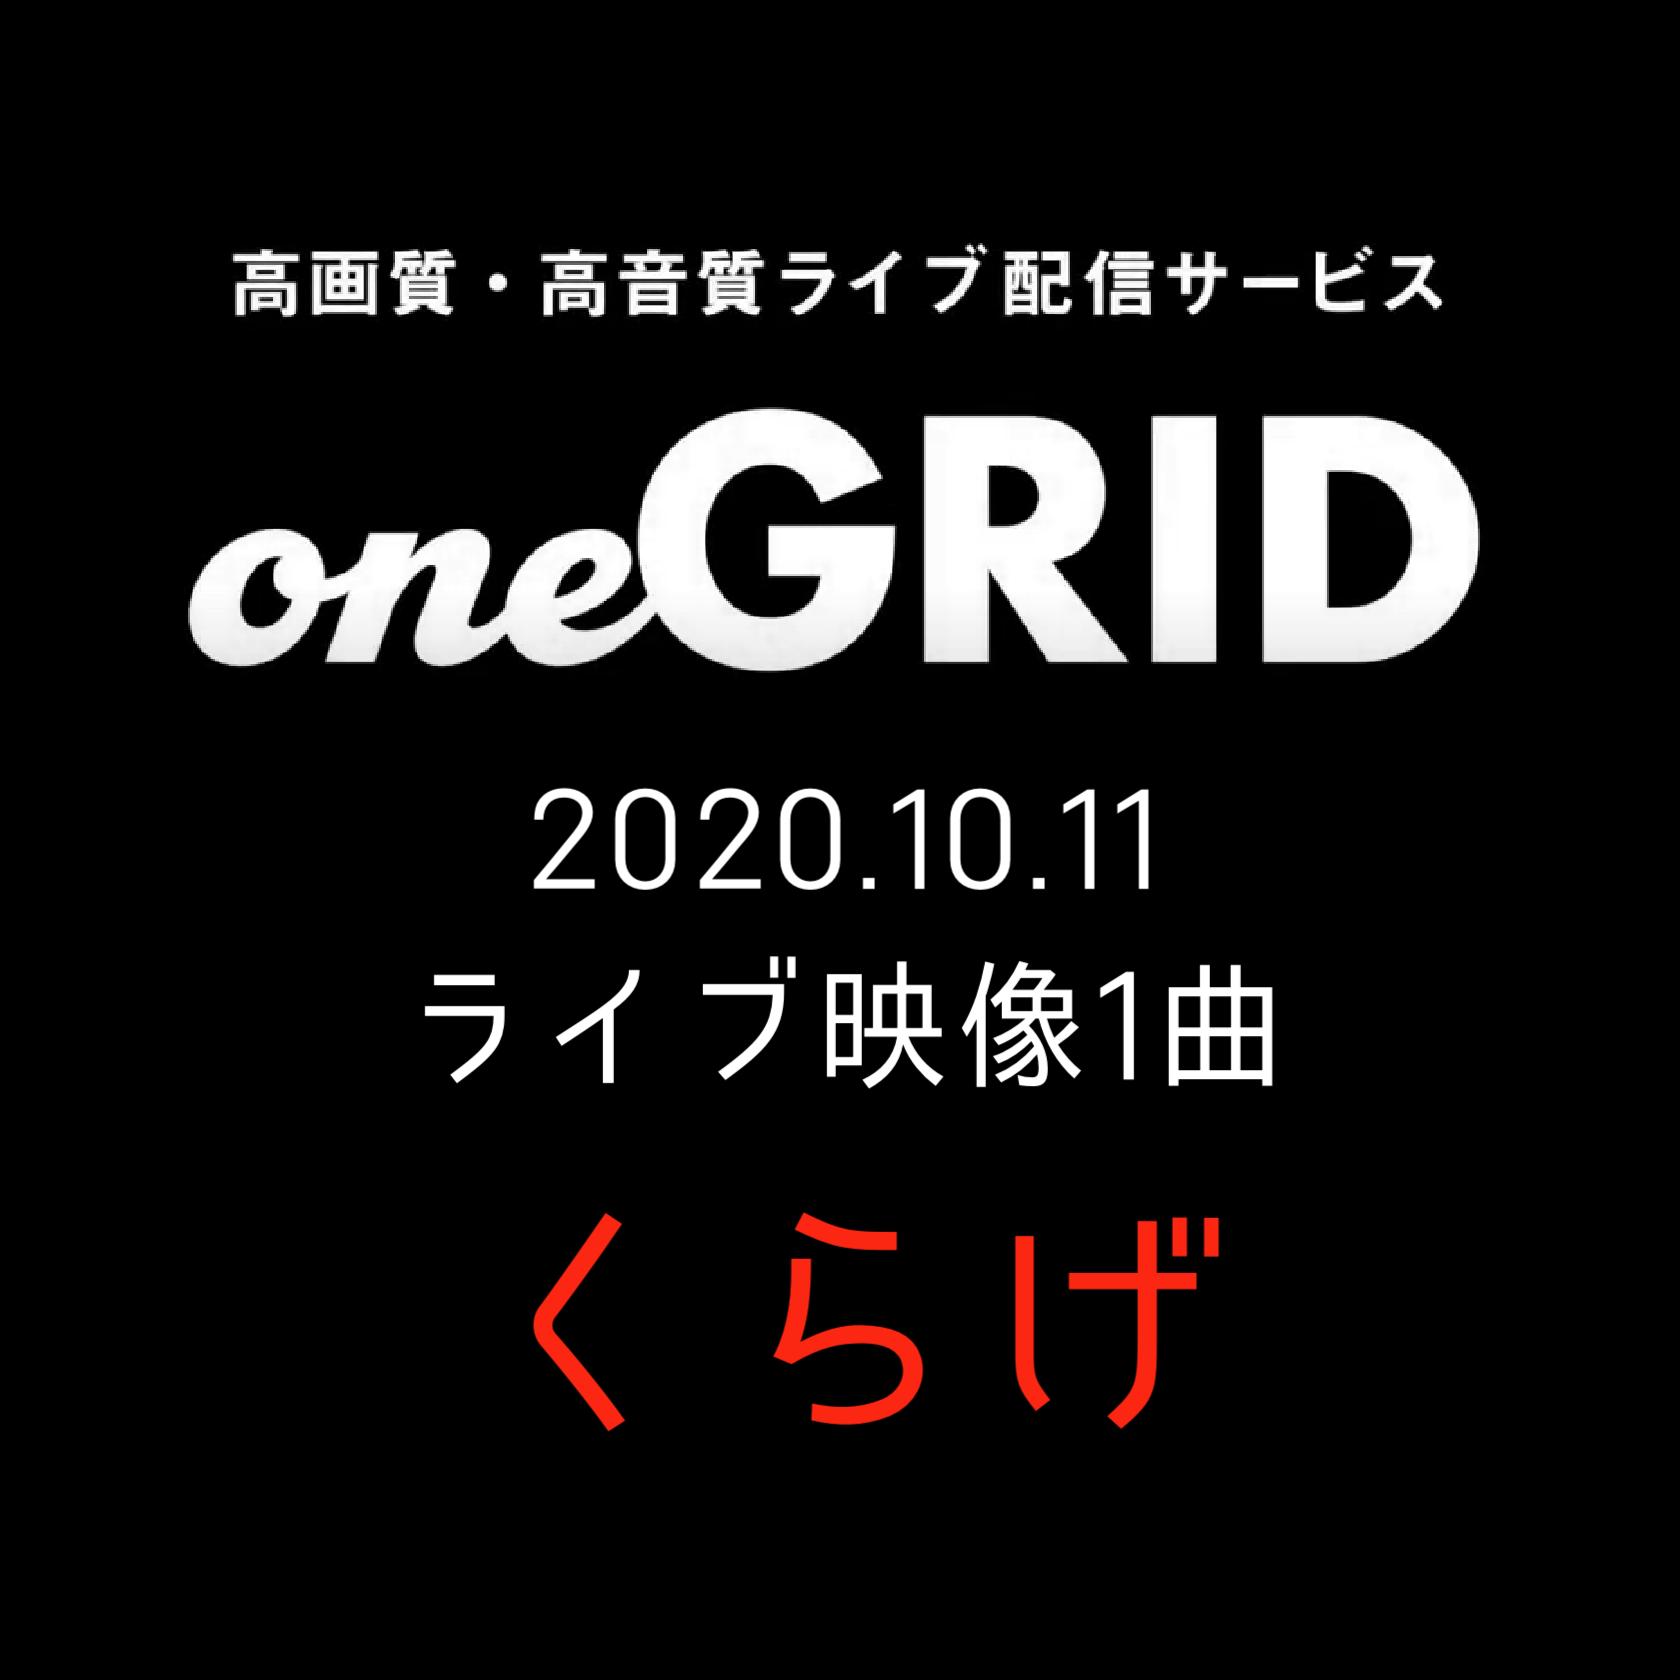 10/11 くらげ ライブ映像